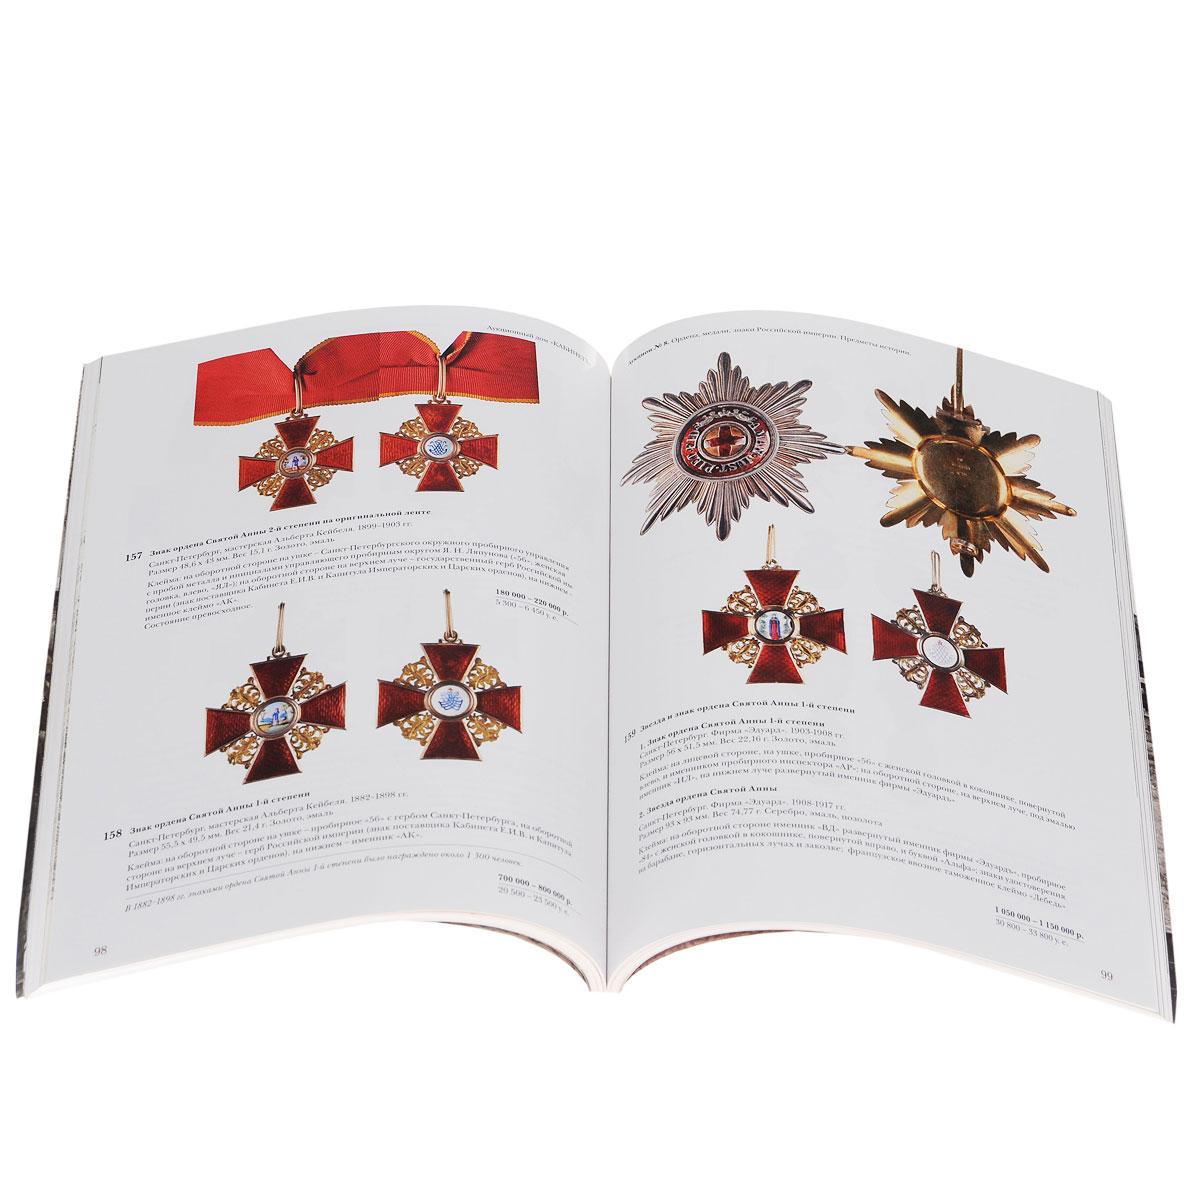 Аукцион №8. Ордена, медали, знаки Российской империи. Предметы истории